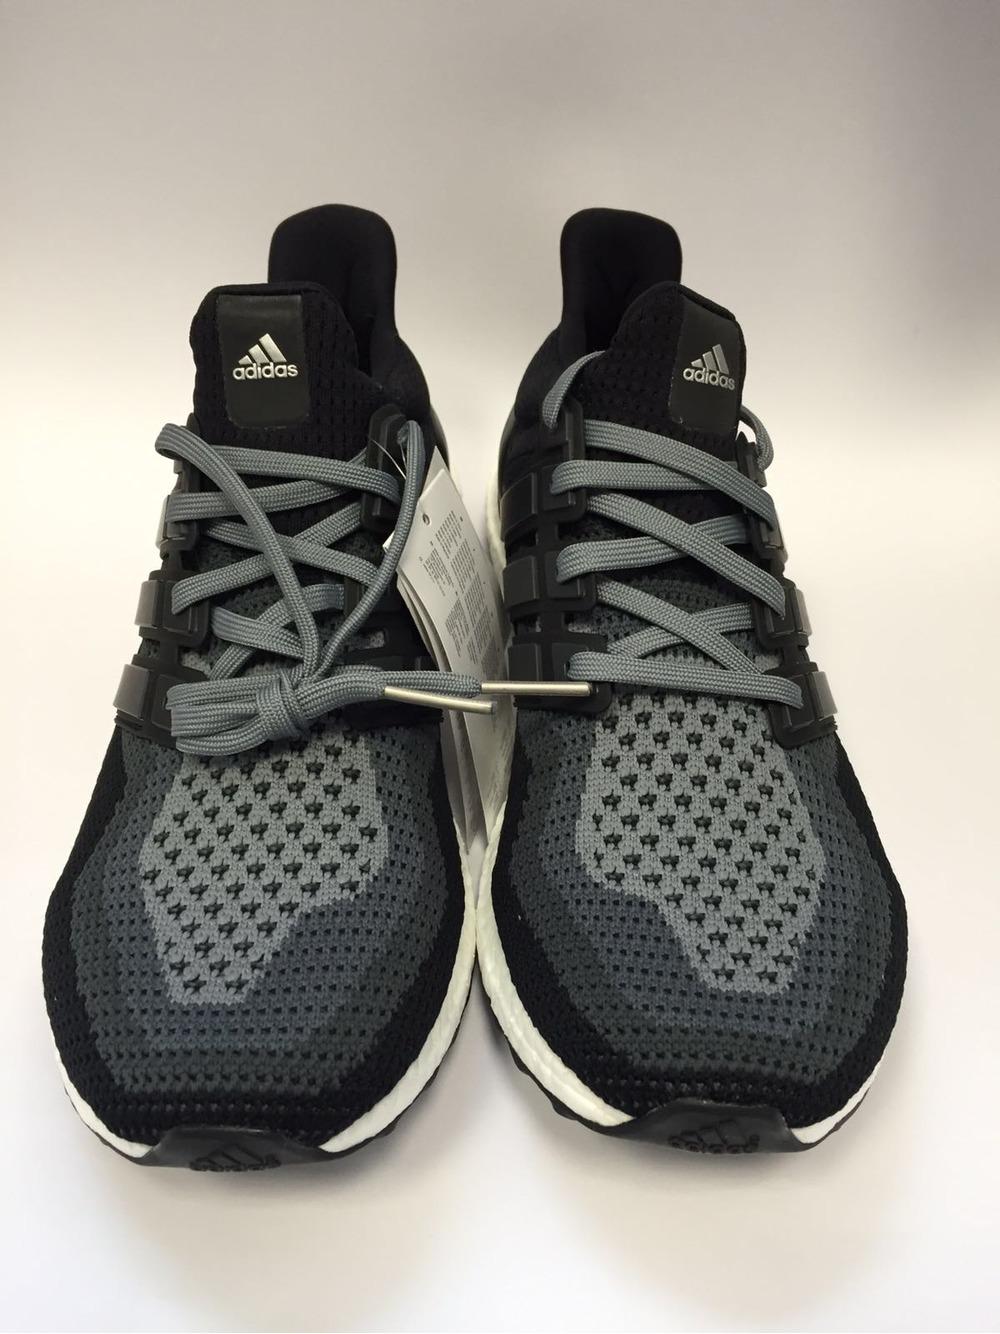 Adidas Nuevo Boost gradient